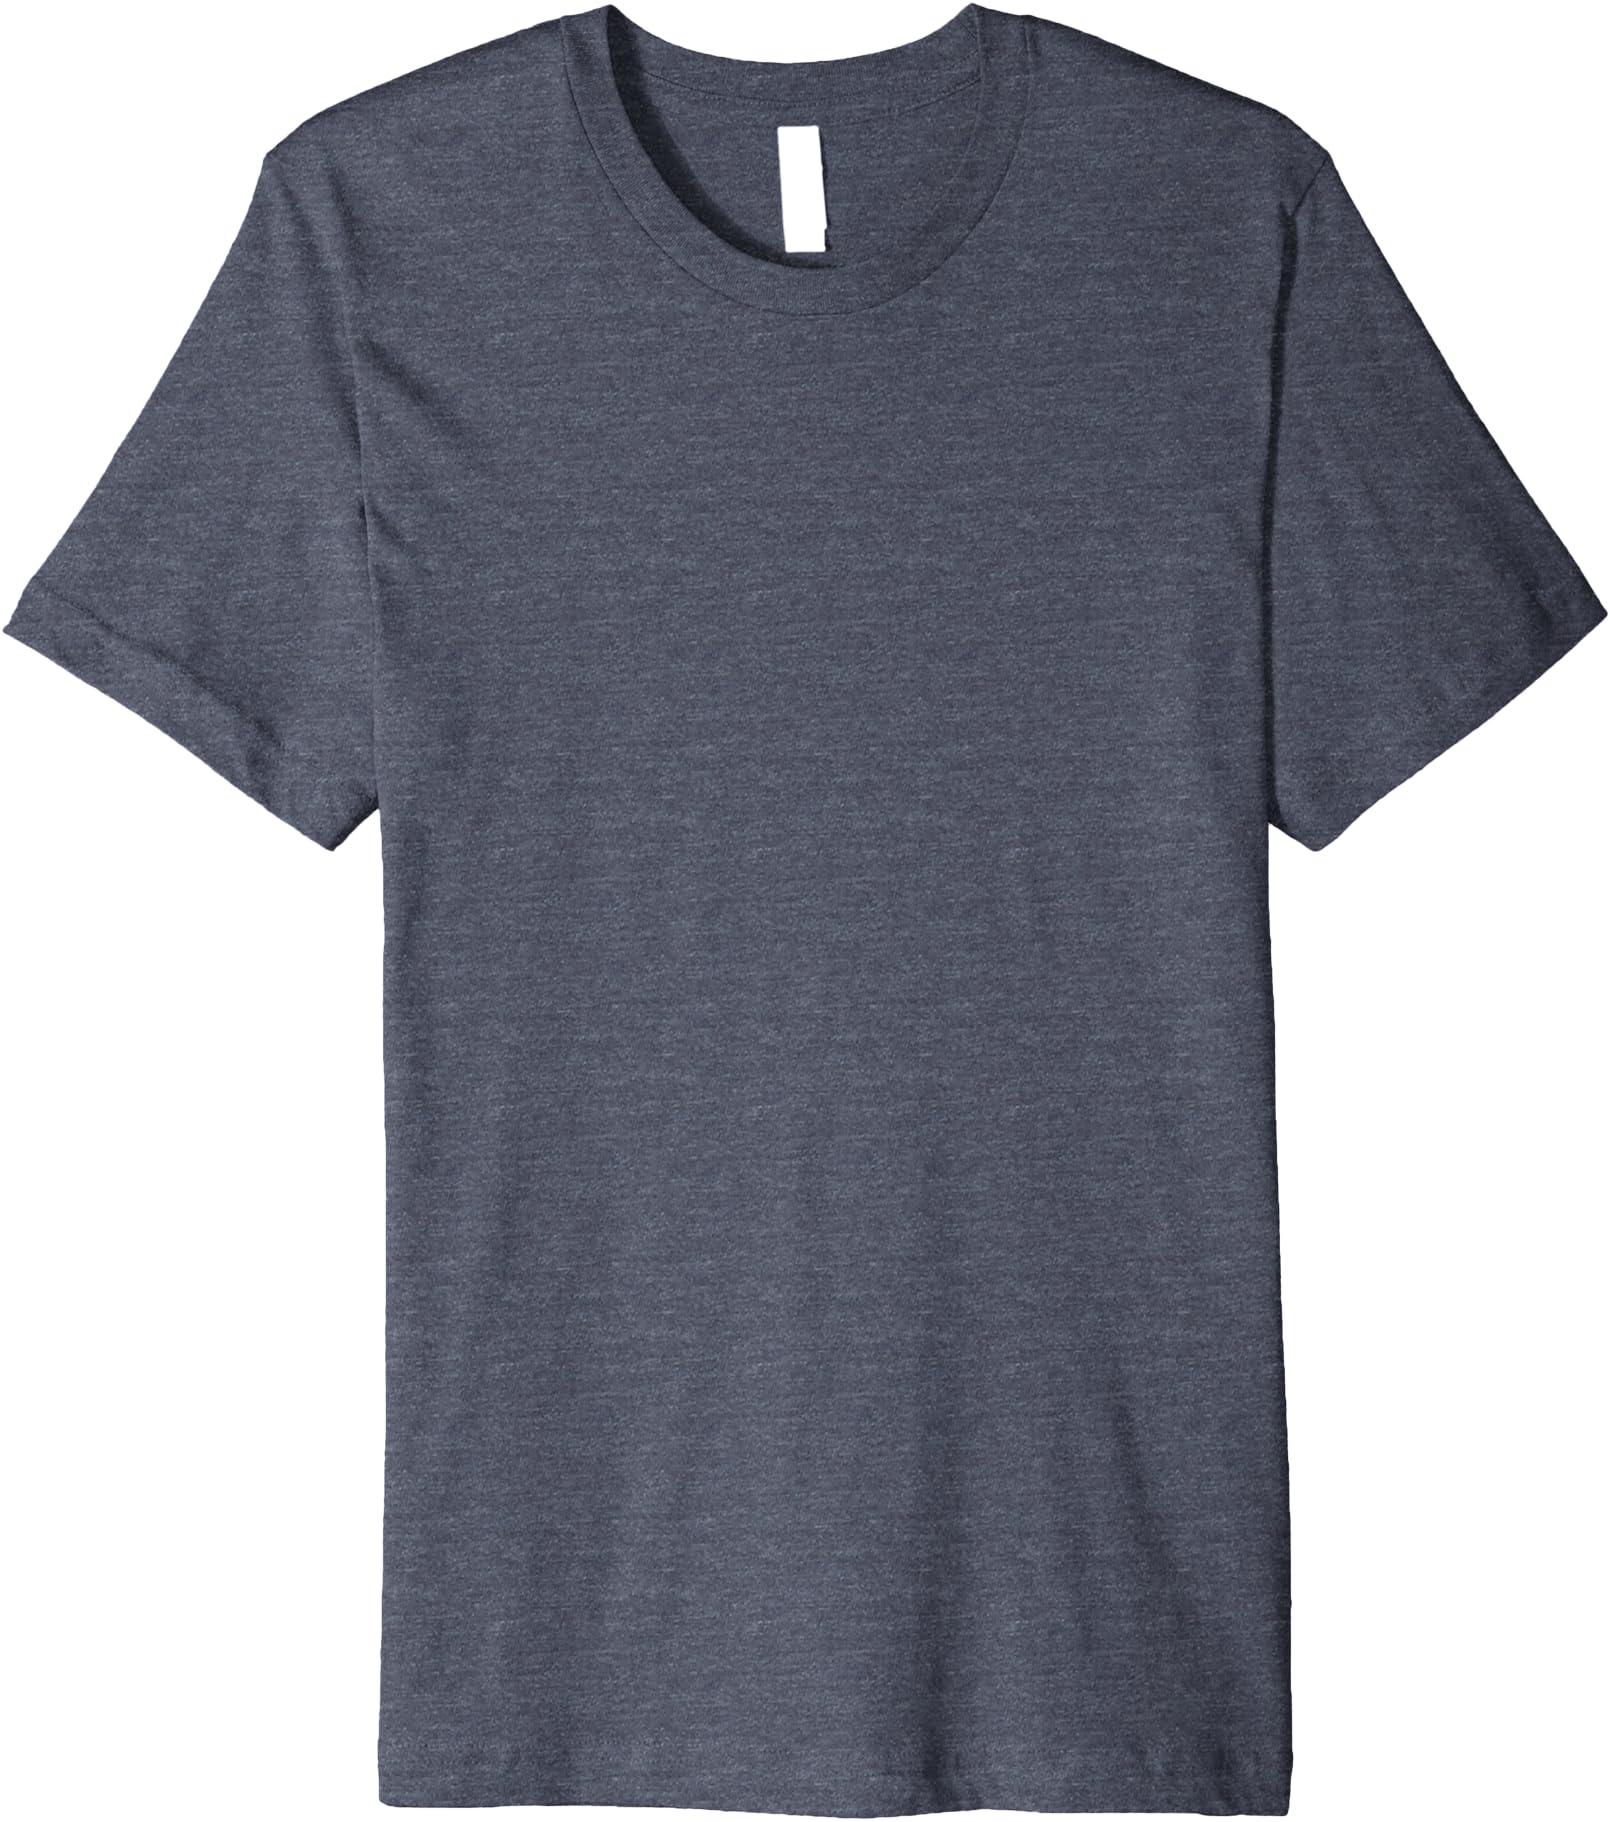 /%/%/% ♥ B.NOSY ♥ Baby Jungen Poloshirt T-Shirt striped grey Gr.68-86 UVP 19,95♥